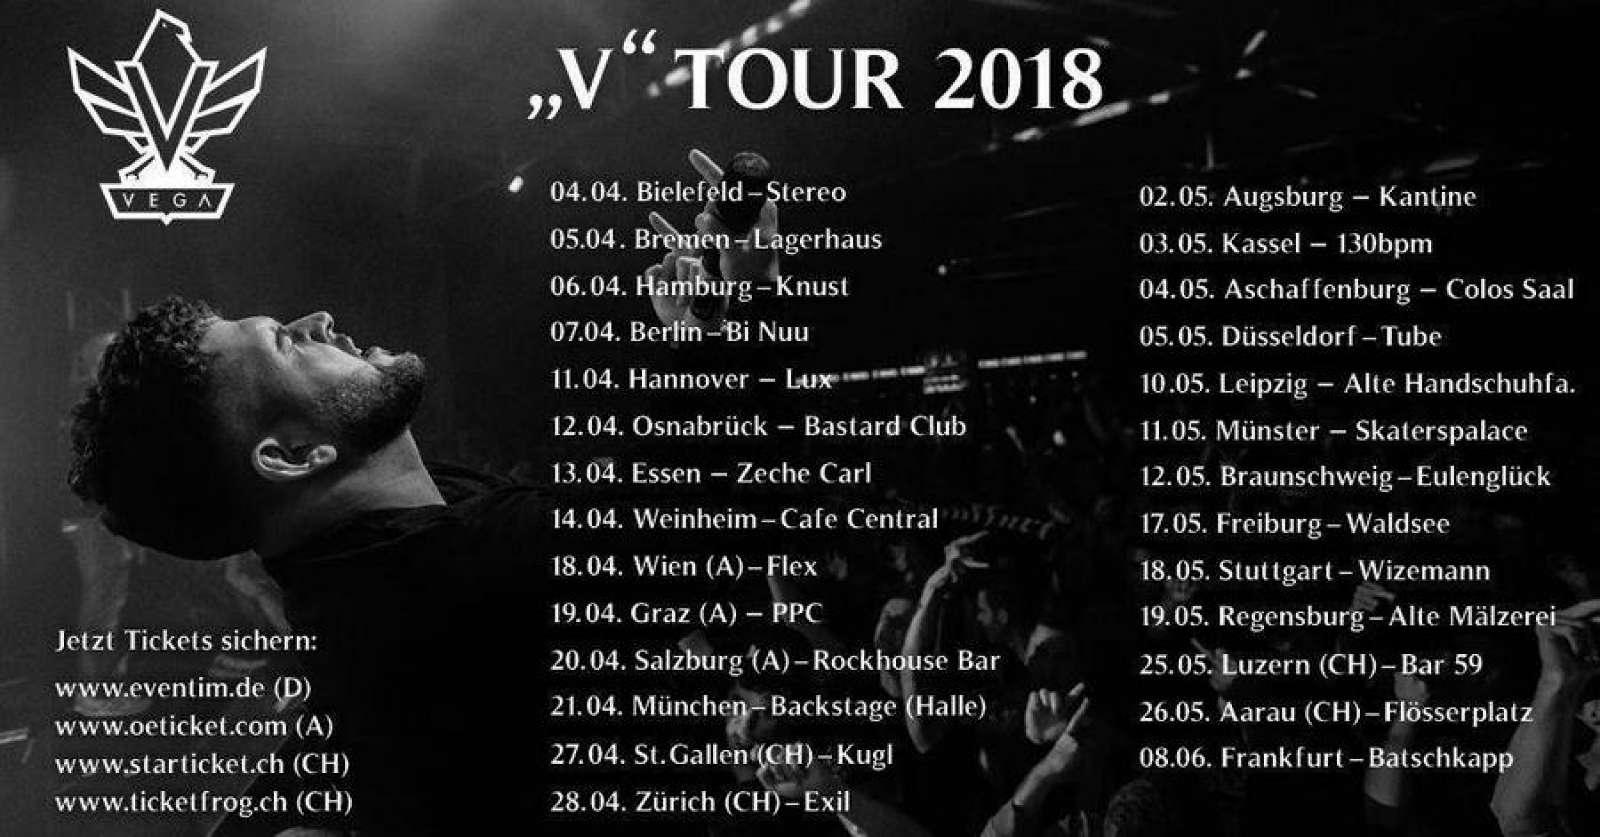 Hamburg Vega V Tour 2018 Erleben Hamburg 06042018